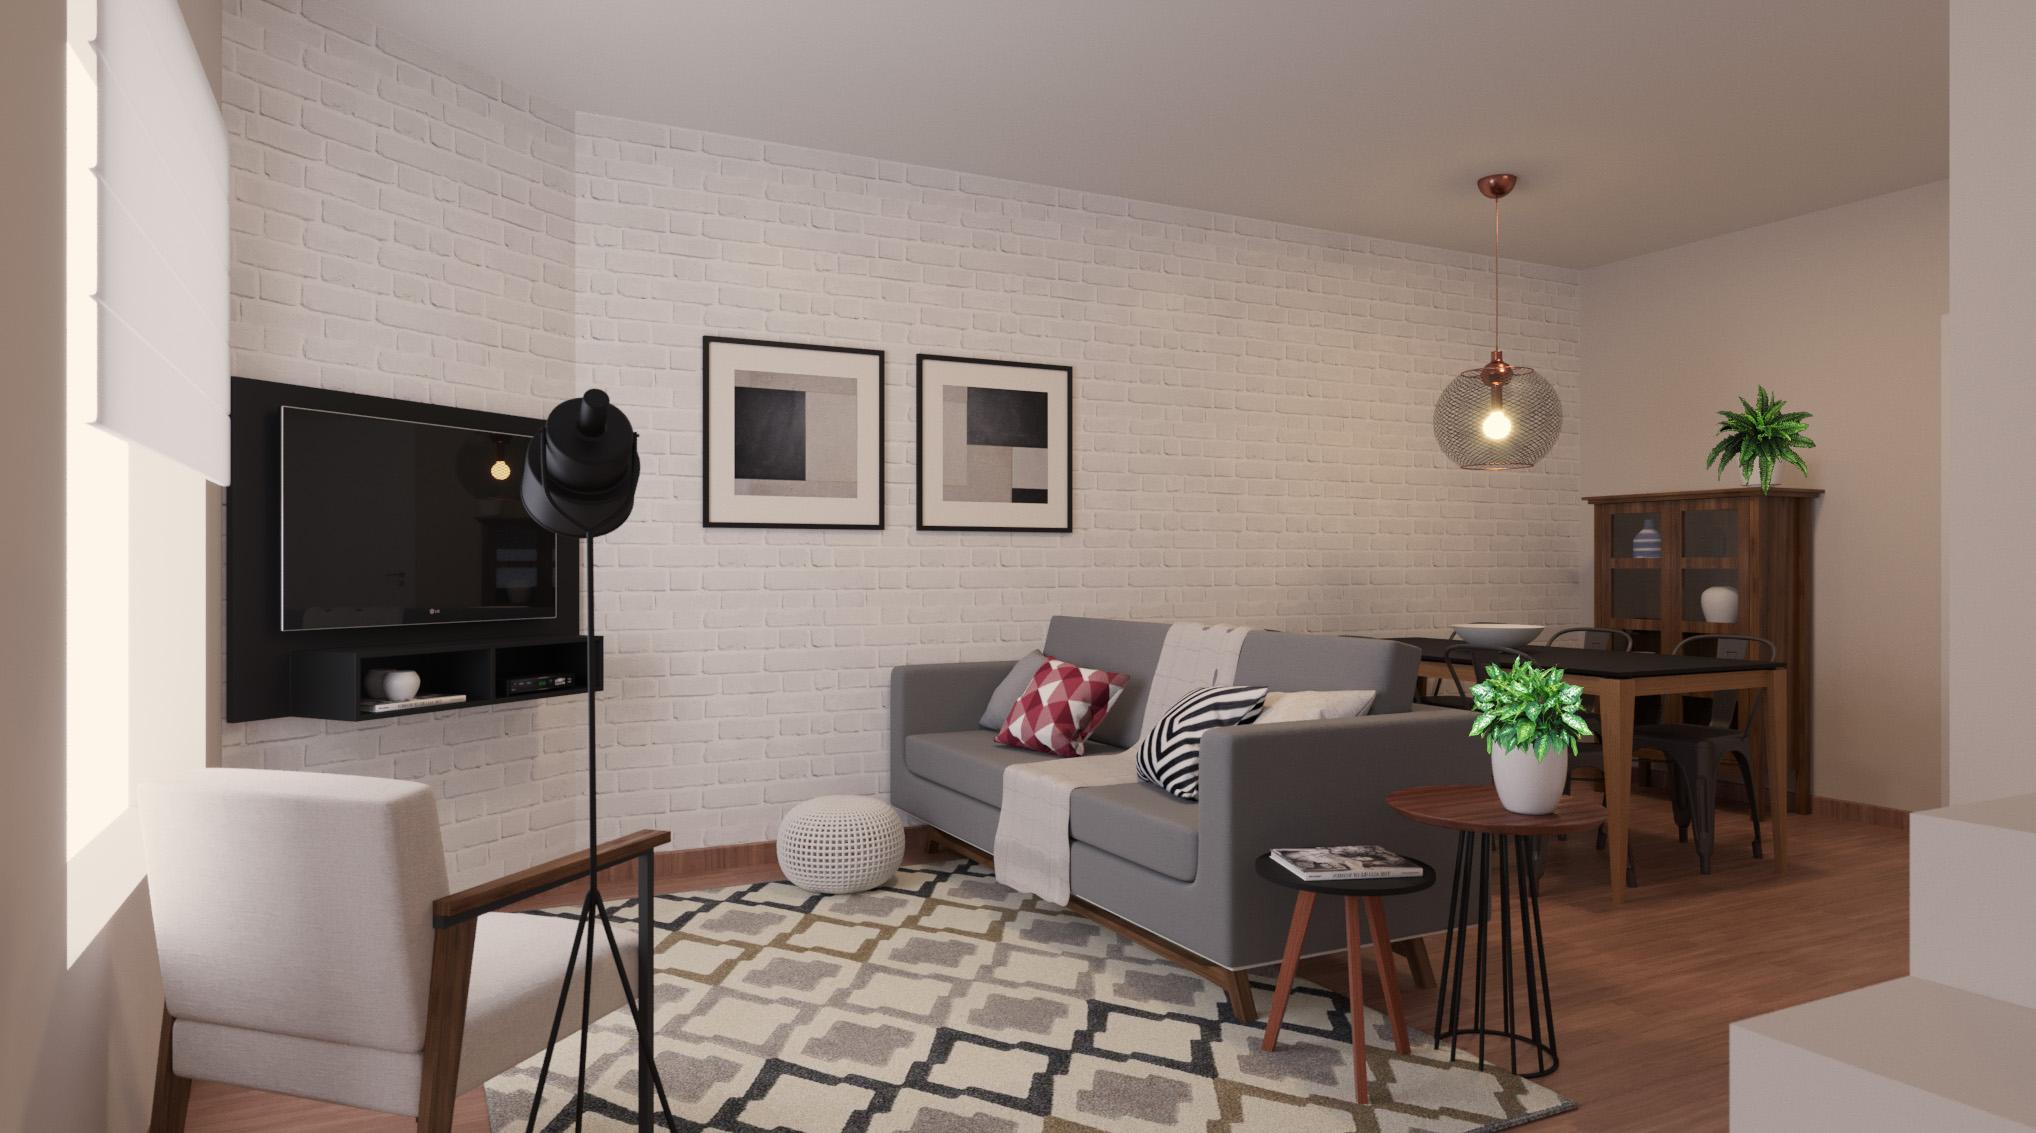 Sala Integrada estilo Moderno prático Industrial